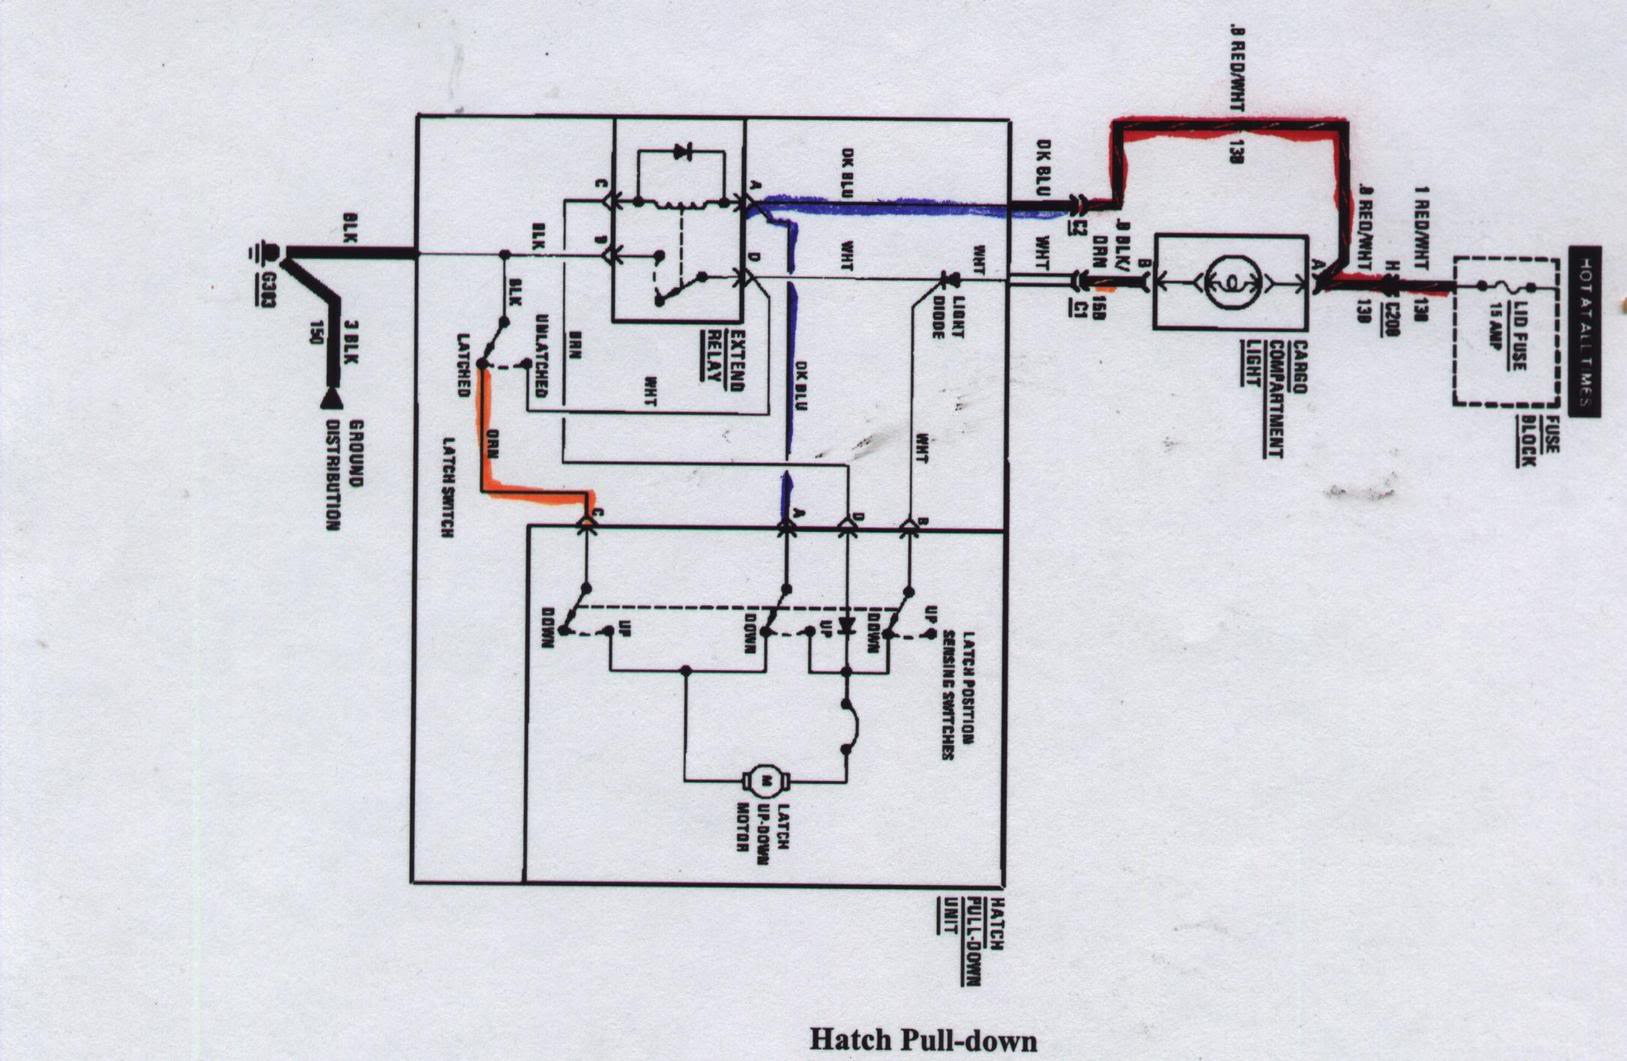 Gm Wiring Schematics